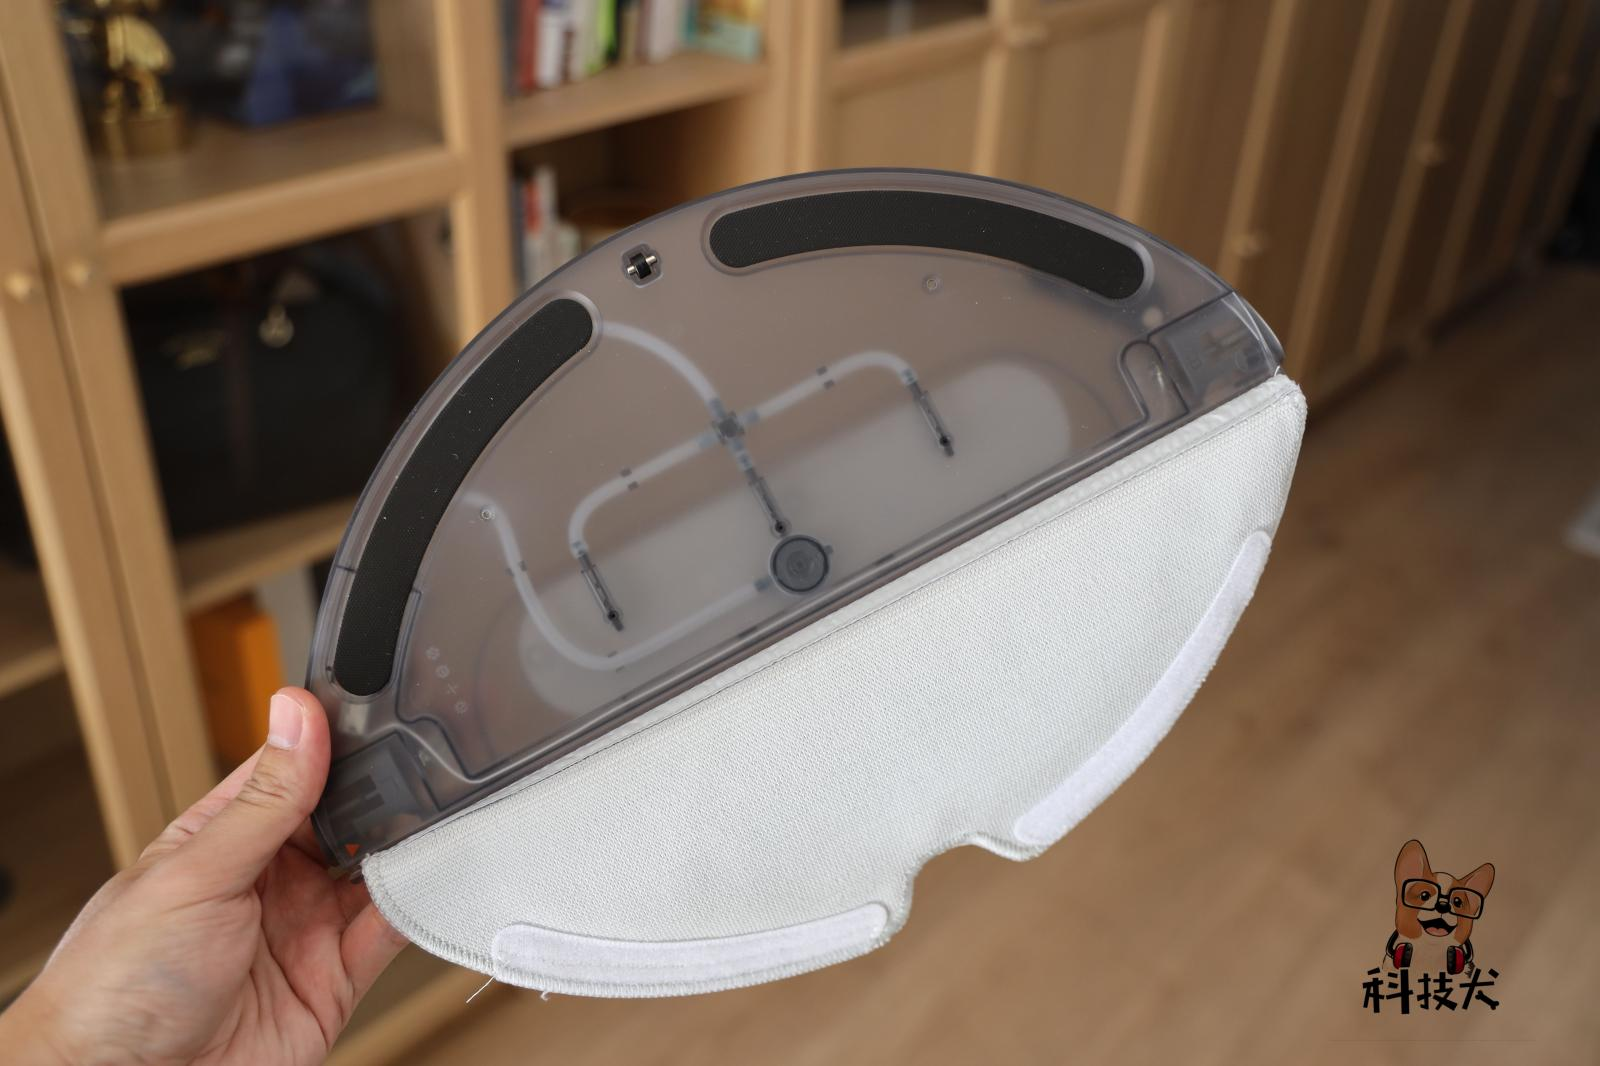 米家扫拖机器人1T(3D探索版)评测:扫拖一体 精准避障